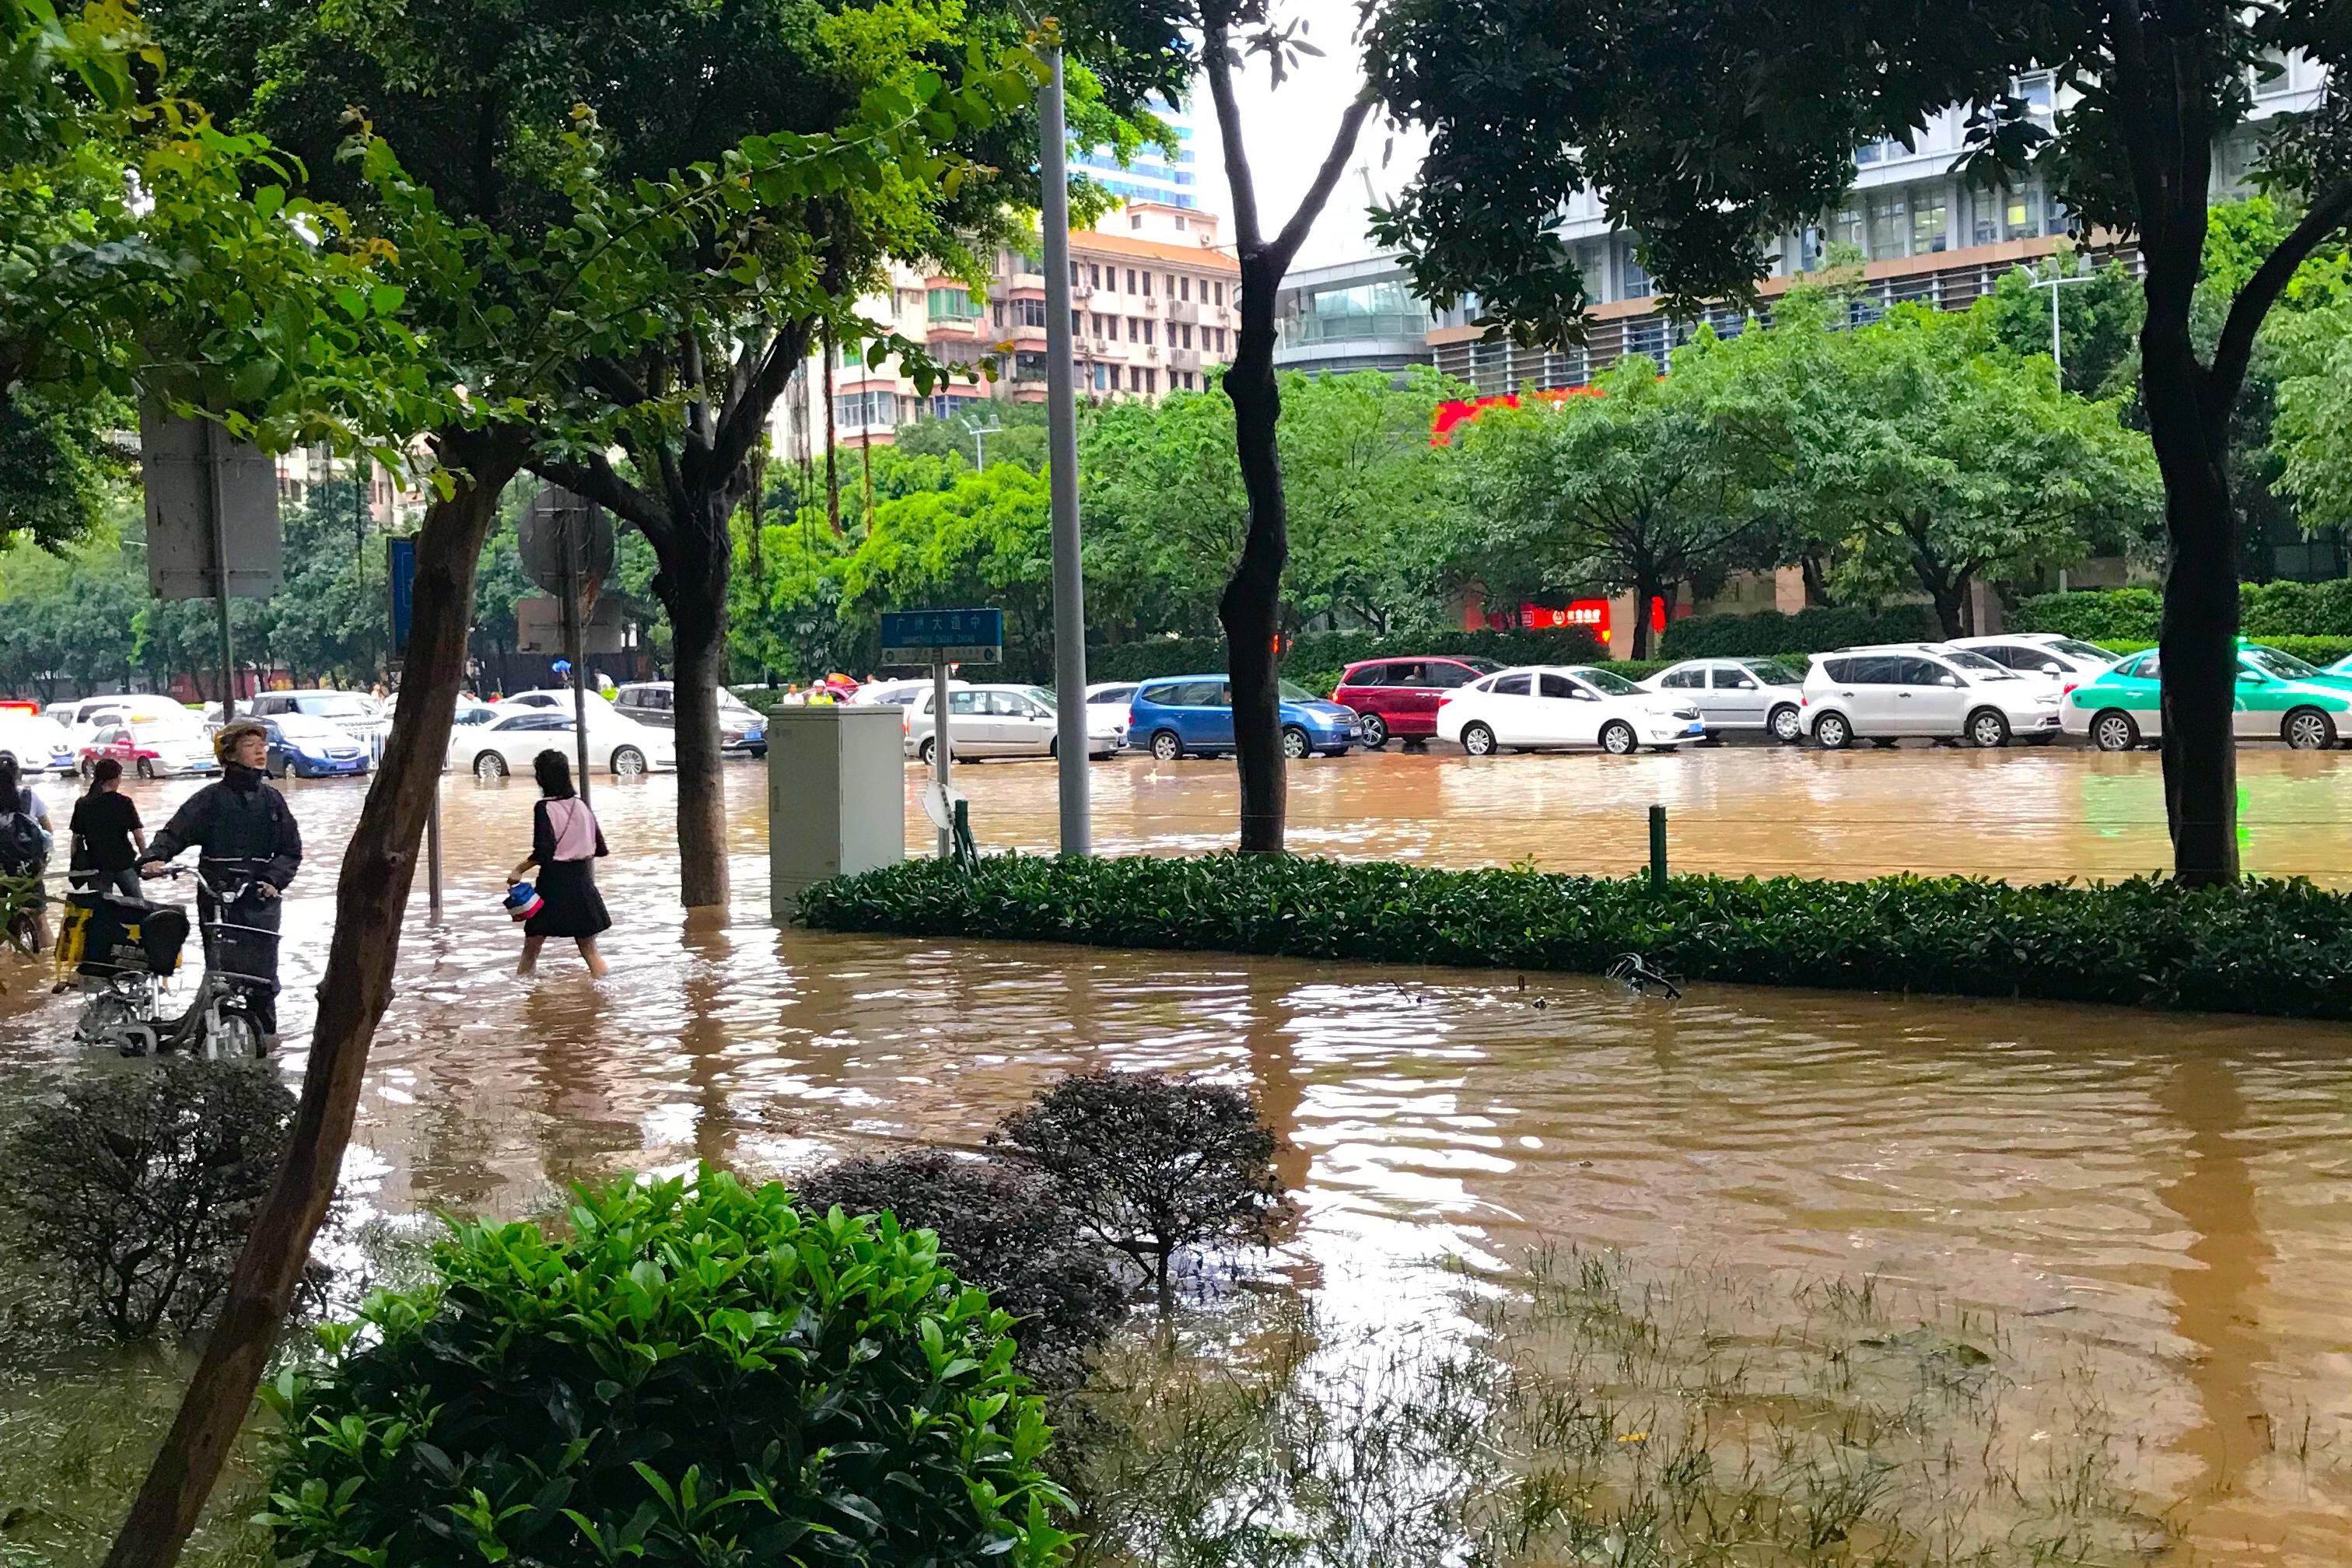 广州水灾!台风艾云尼带来的暴雨让广州变水城,场面堪比科幻电影